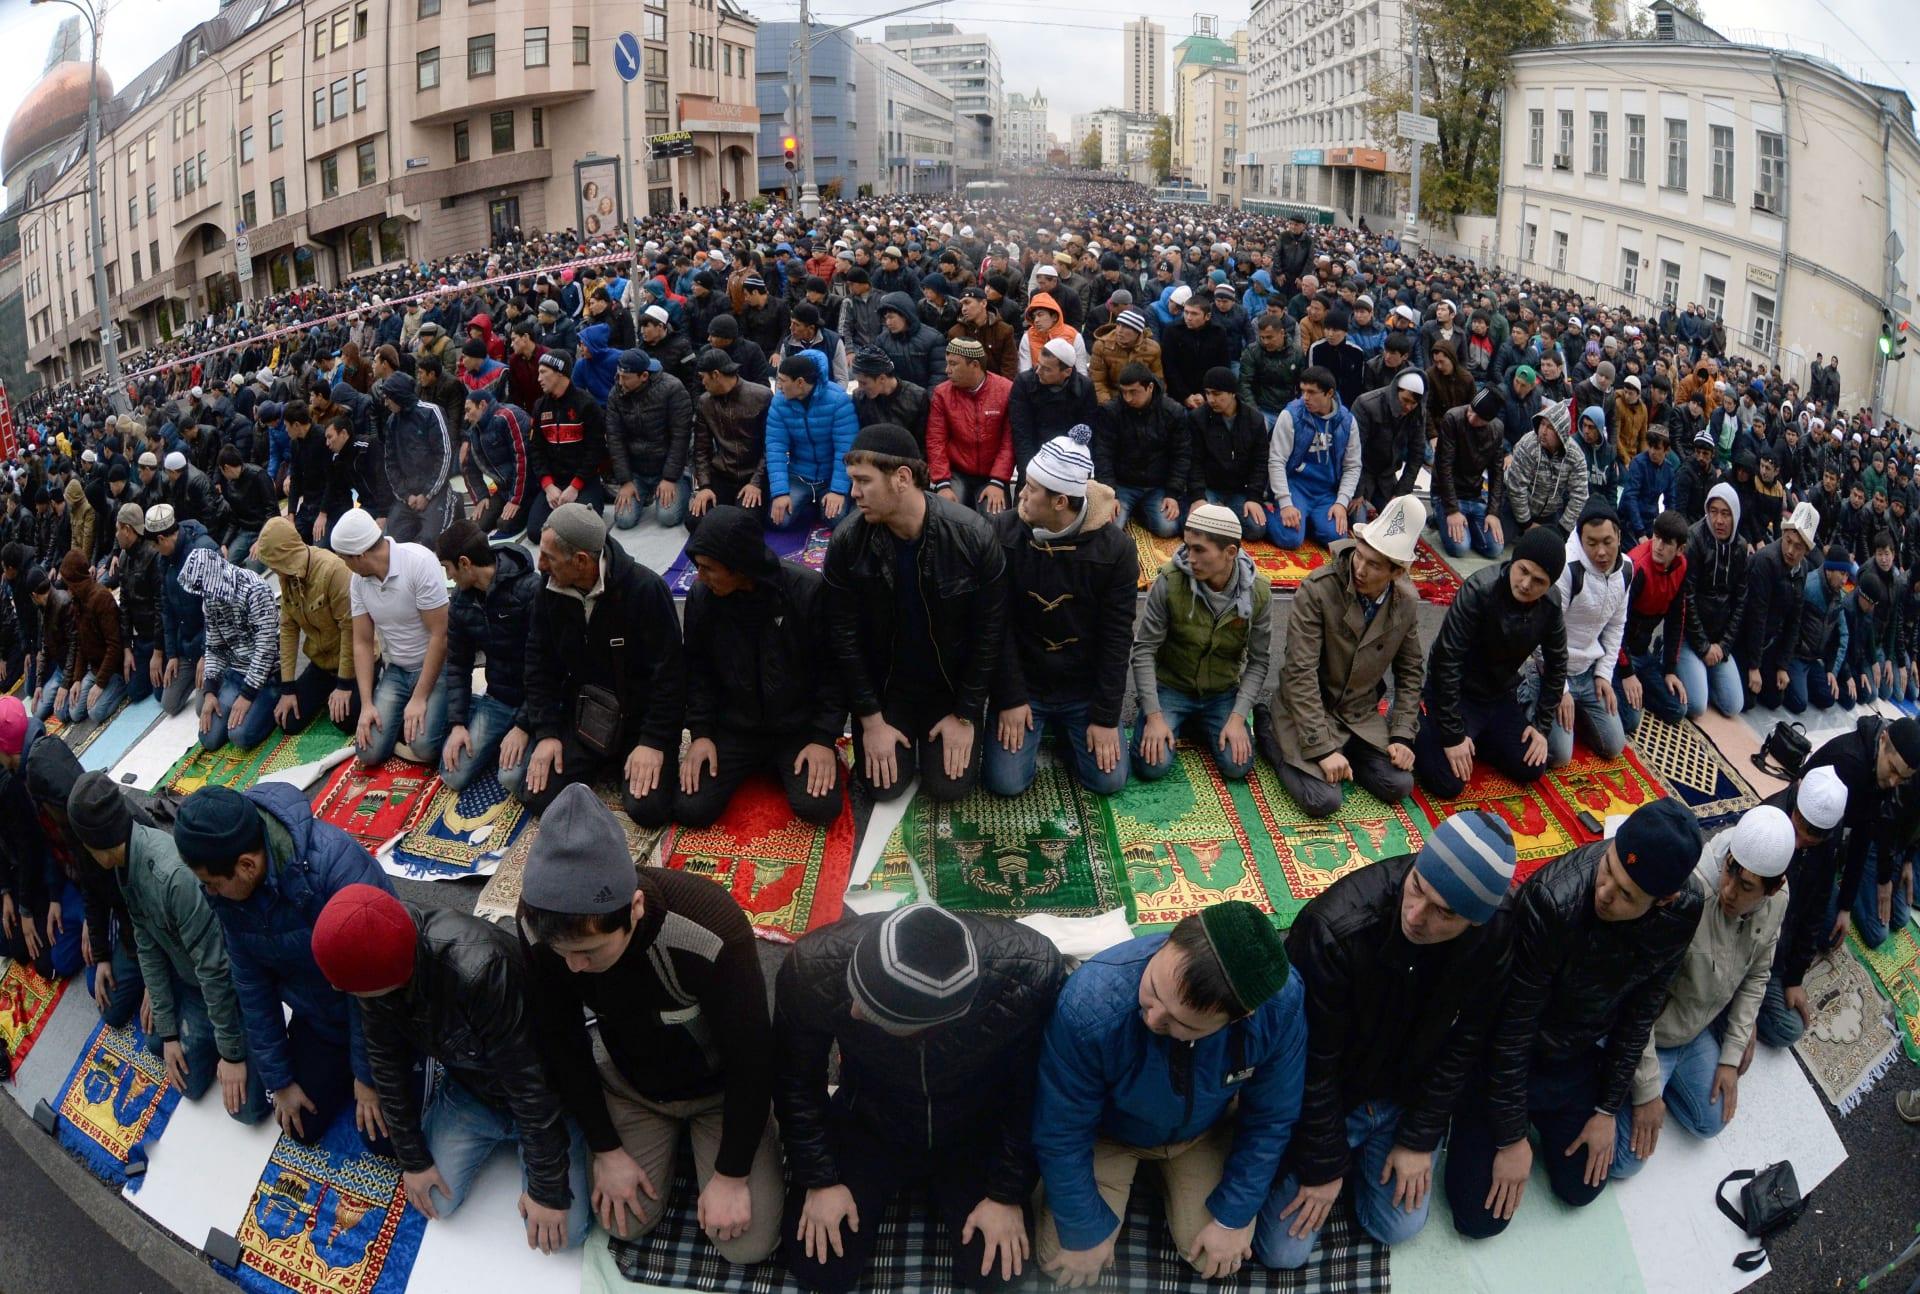 نواب روسيا يبحثون مشروع قانون يفتح الباب للبنوك الإسلامية وملايين المسلمين يترقبون